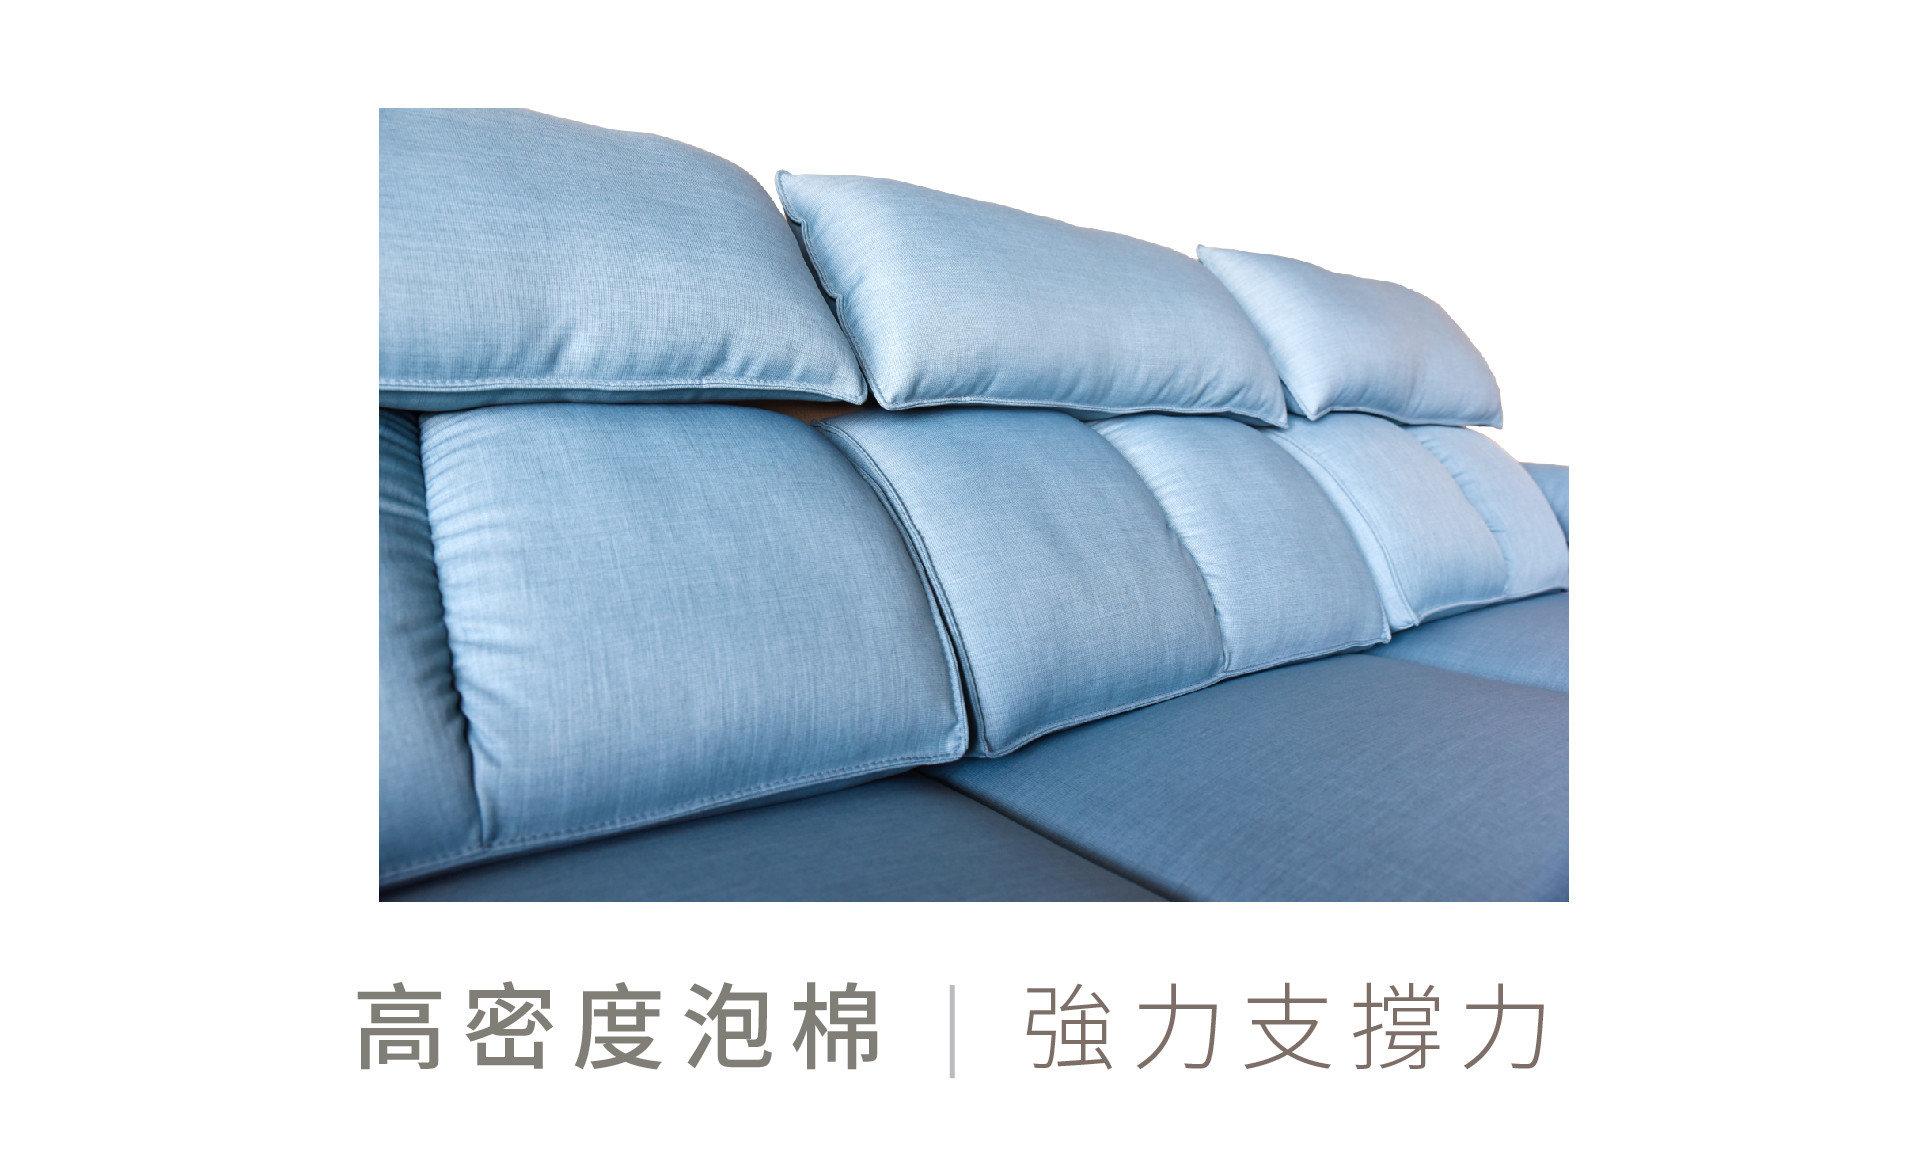 席琳沙發採用高密度泡棉,有更好的支撐性與包覆性